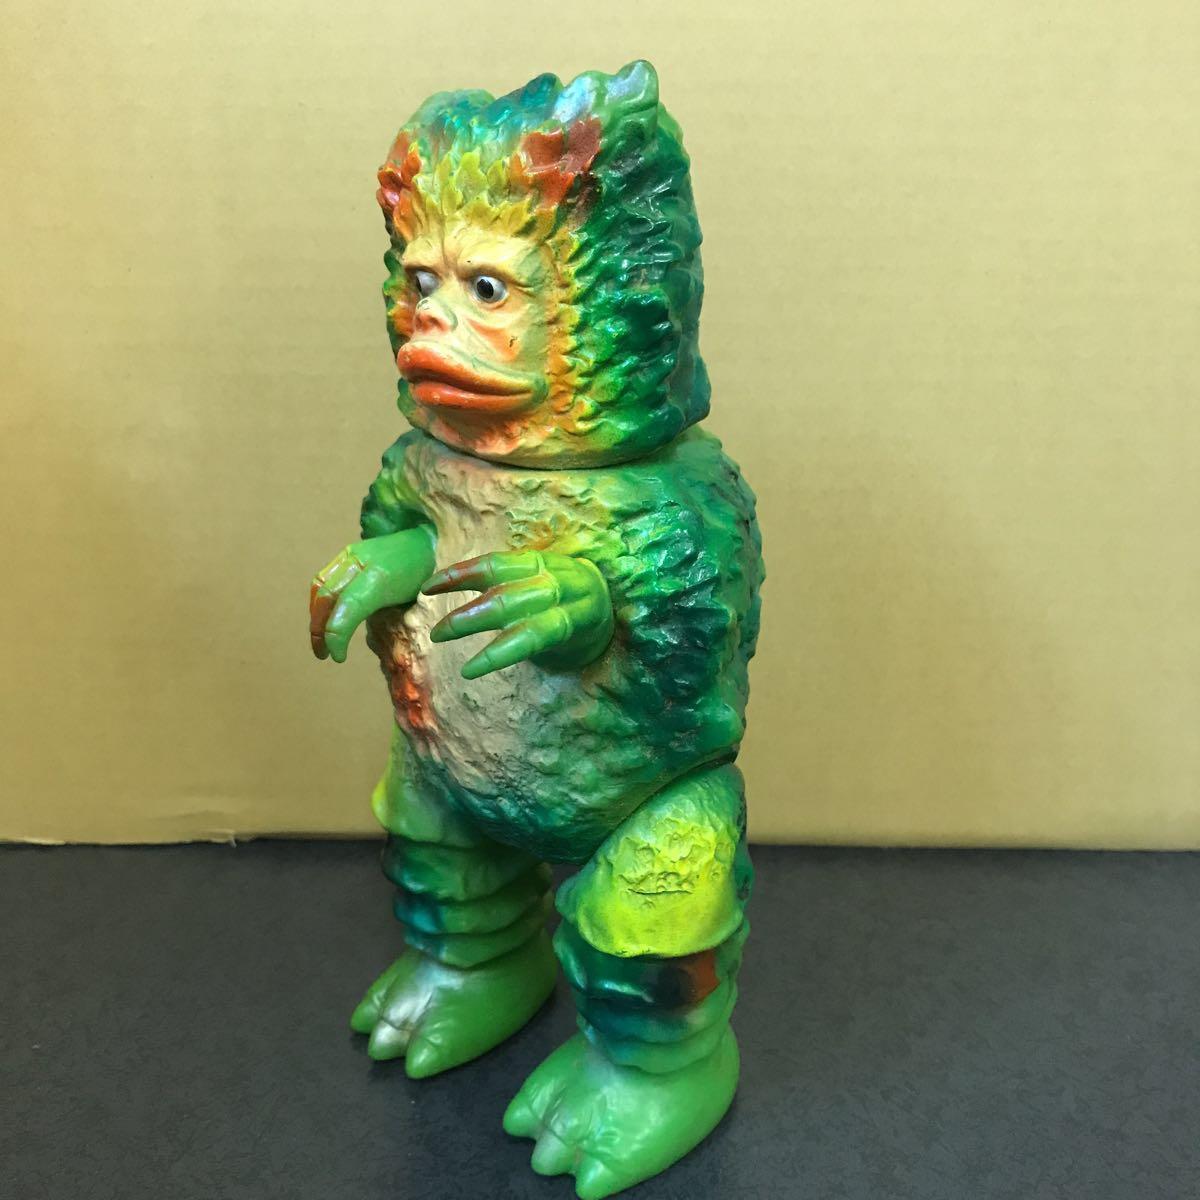 ガラモン ウルトラマン 怪獣 ジャンク ソフビ ブルマァク 23cm 当時物 レトロ おもちゃ_画像6